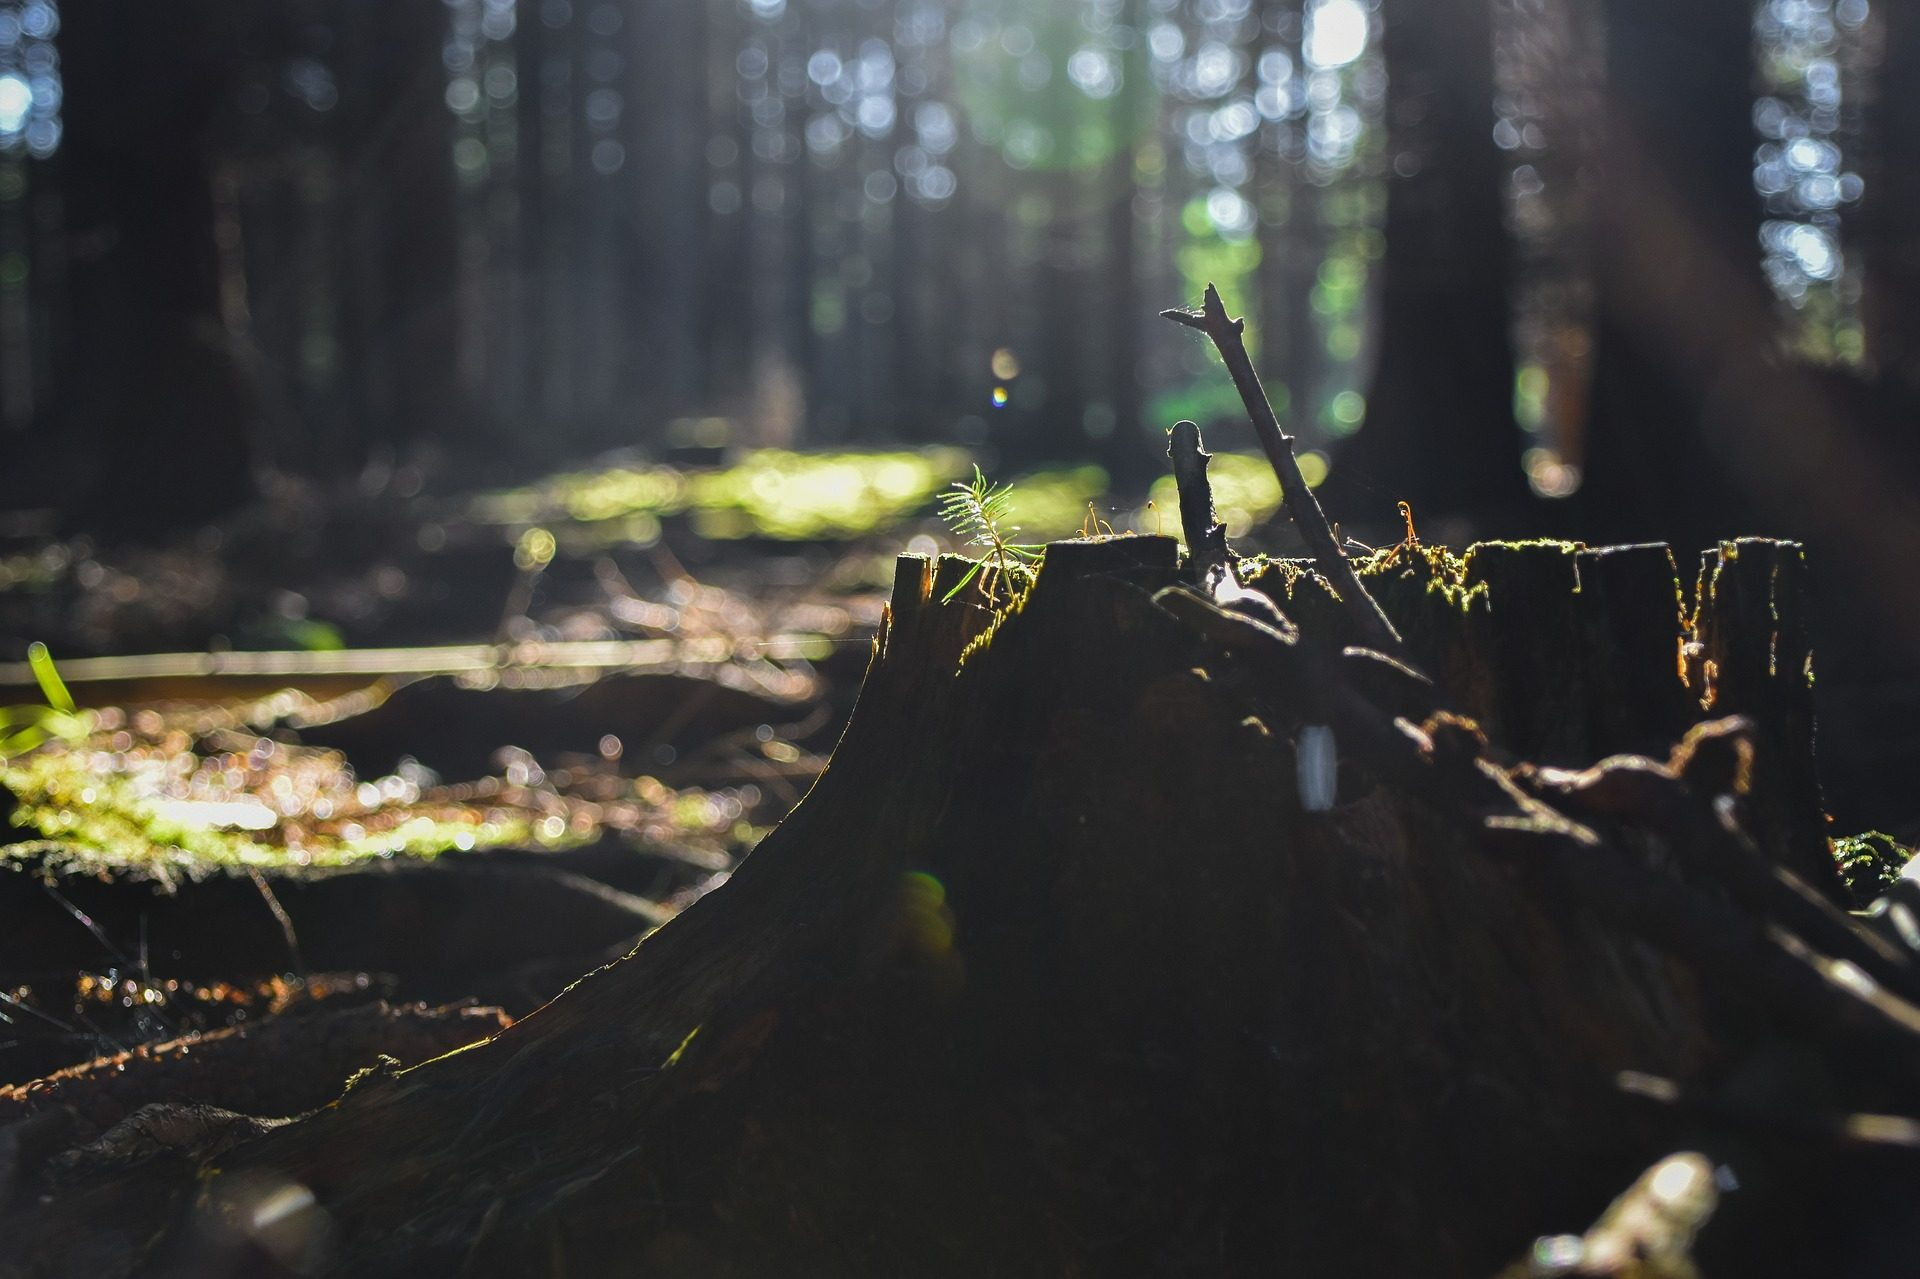 árbol, tronco, abbattimento, foresta, vegetazione - Sfondi HD - Professor-falken.com